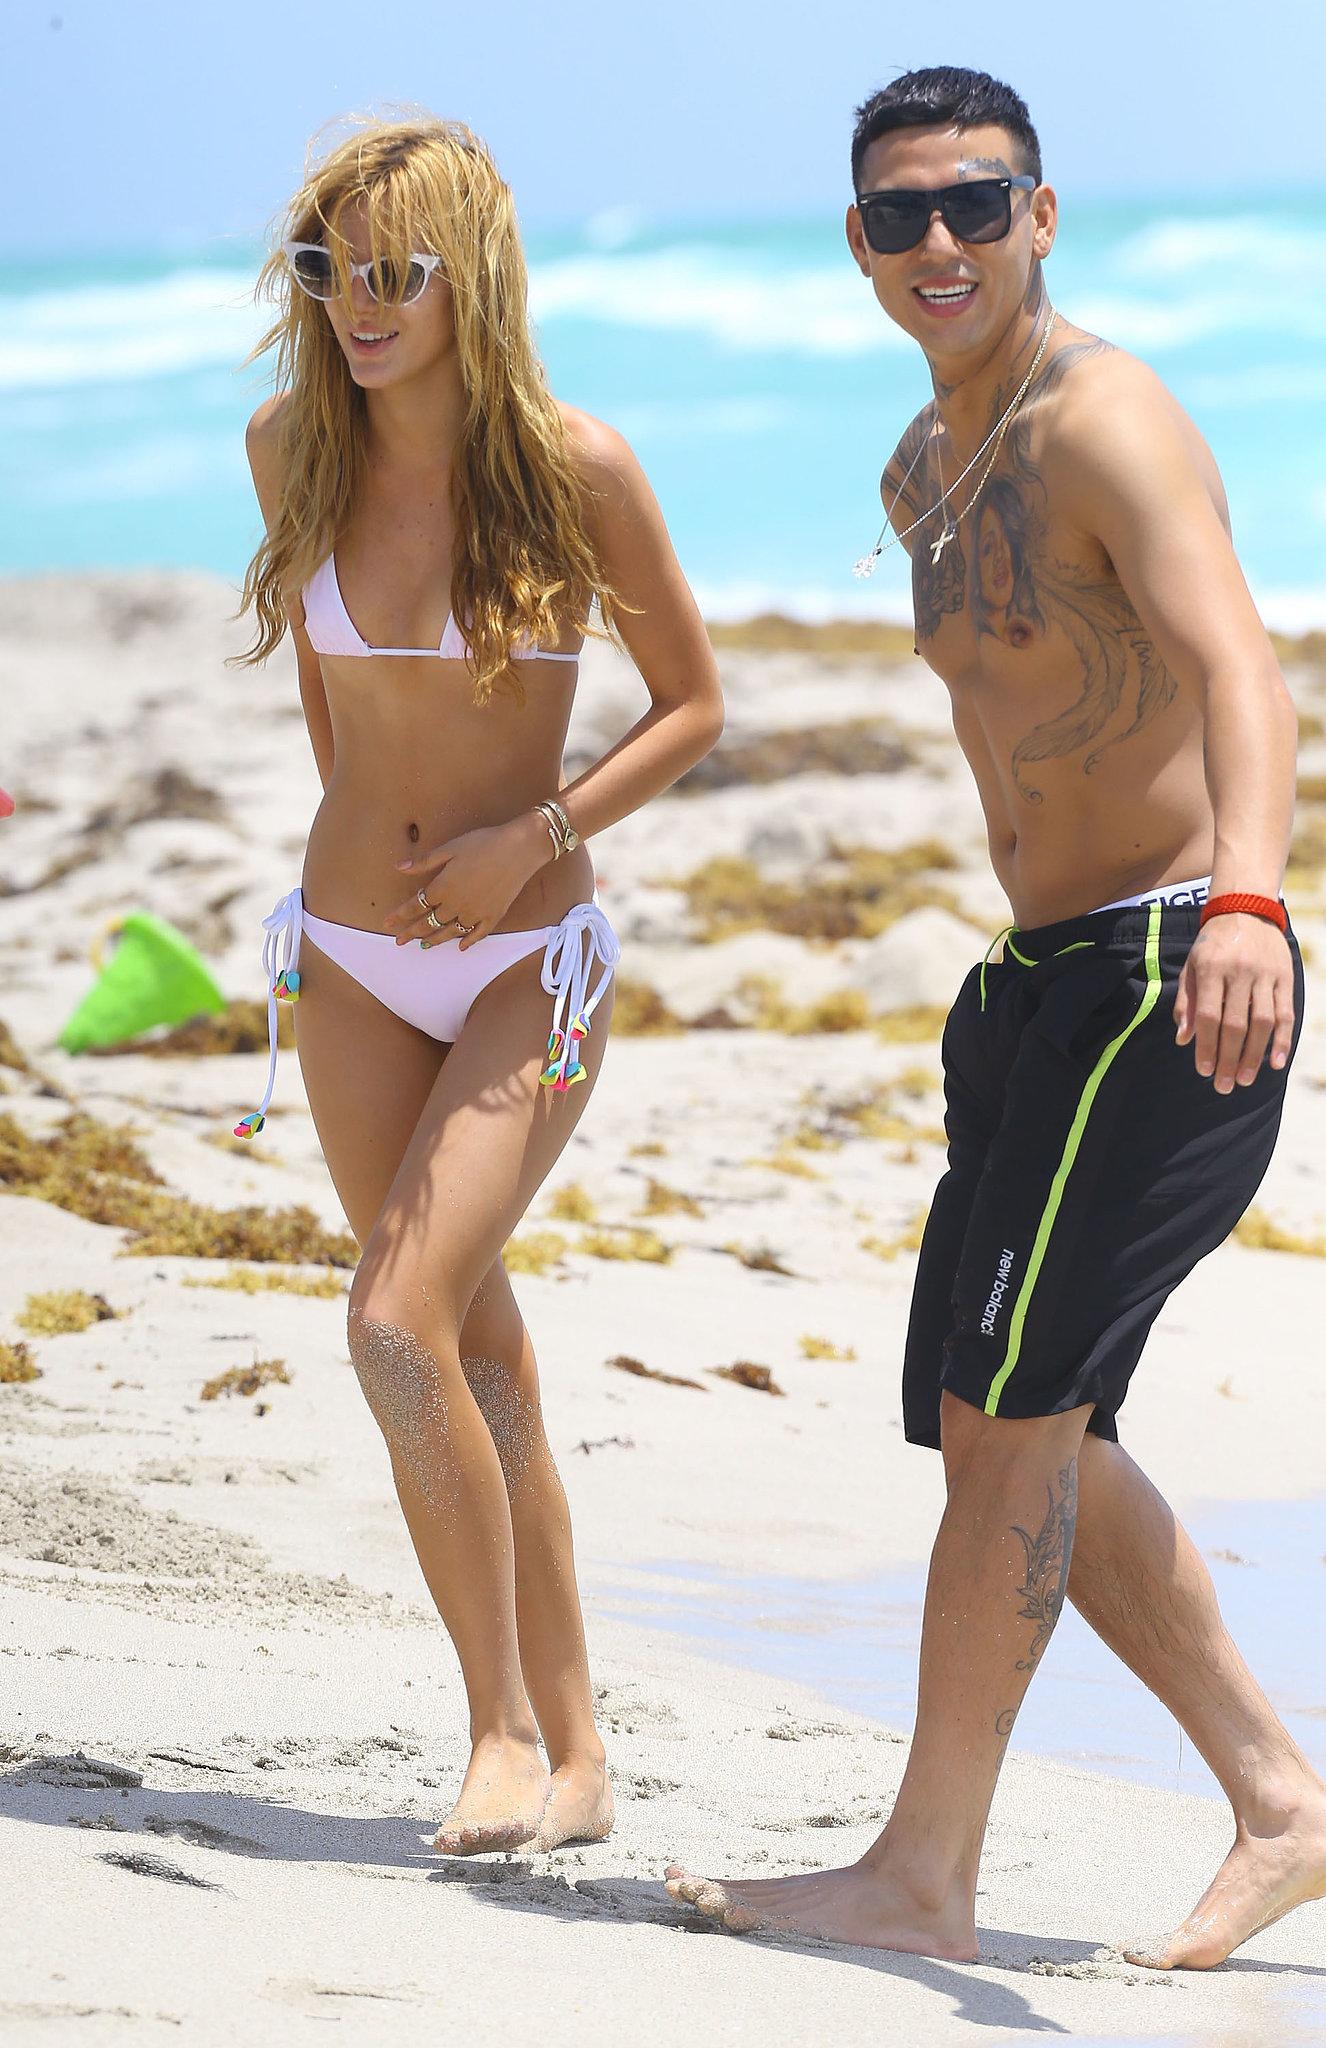 Bikini-Clad Bella Thorne Makes a Splash in Miami